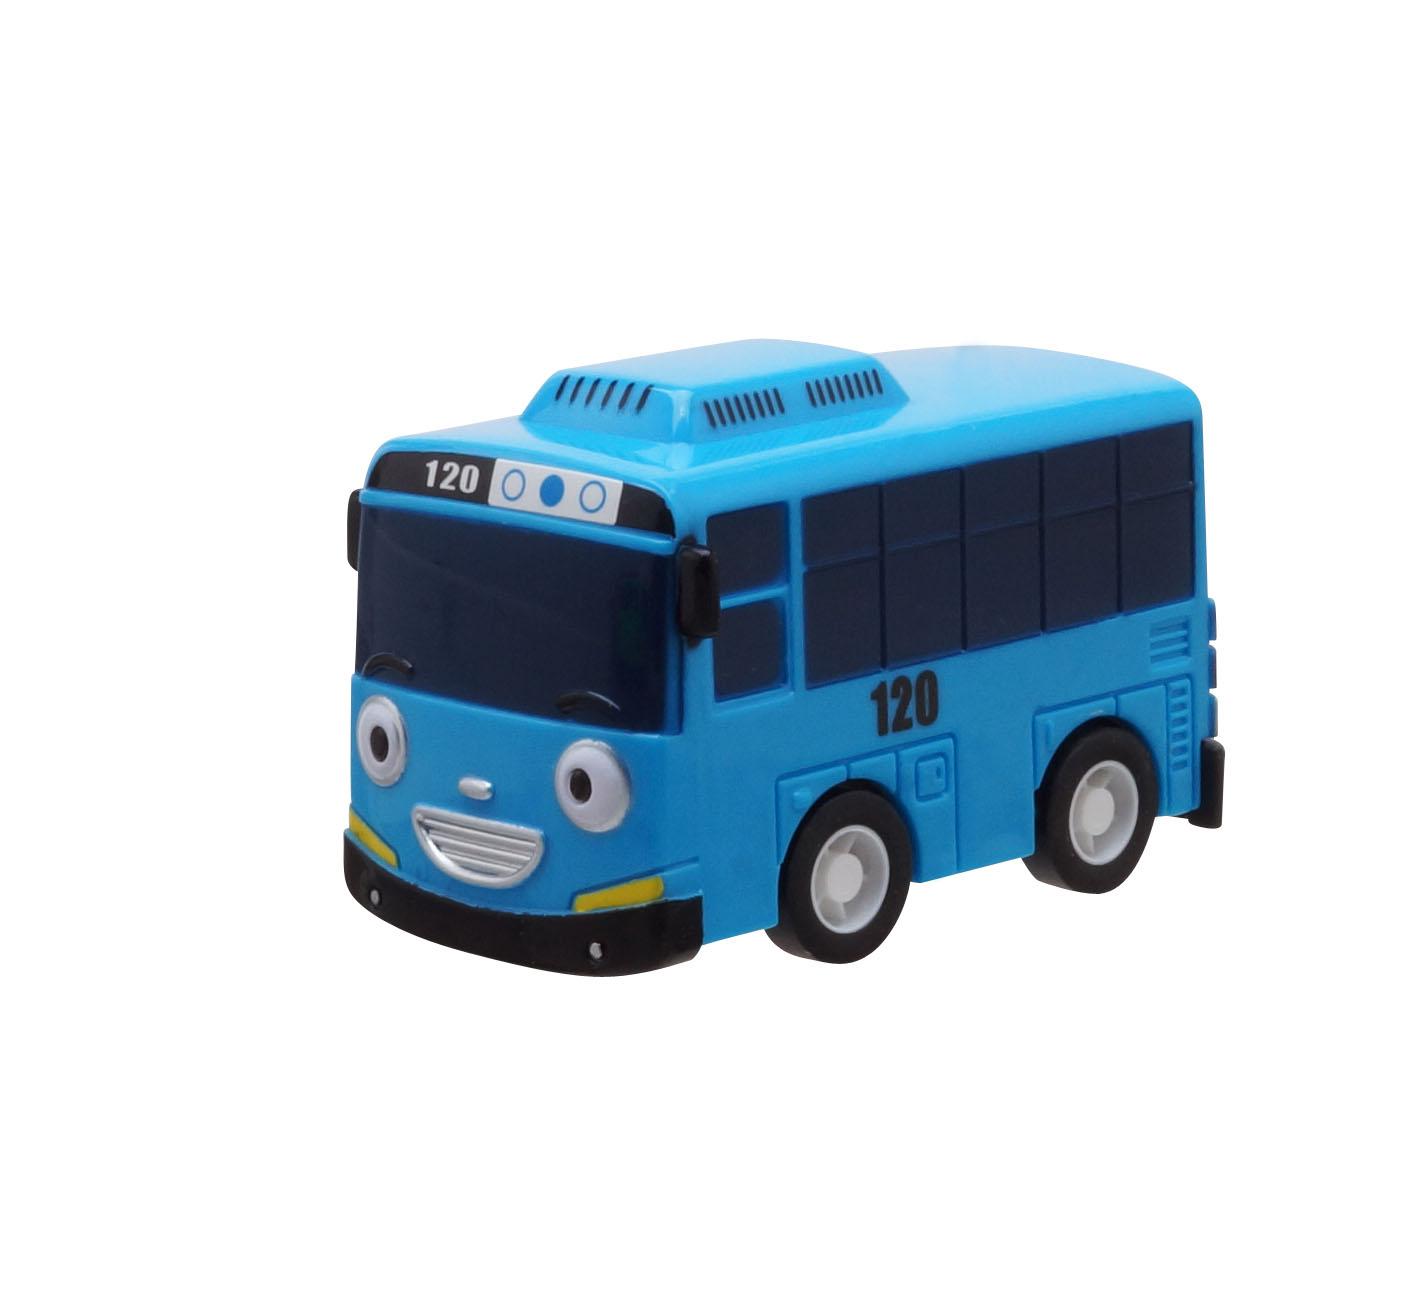 Маленький автобус Тайо - Тайо, Роги, Лэни, Гани и Ситу ...